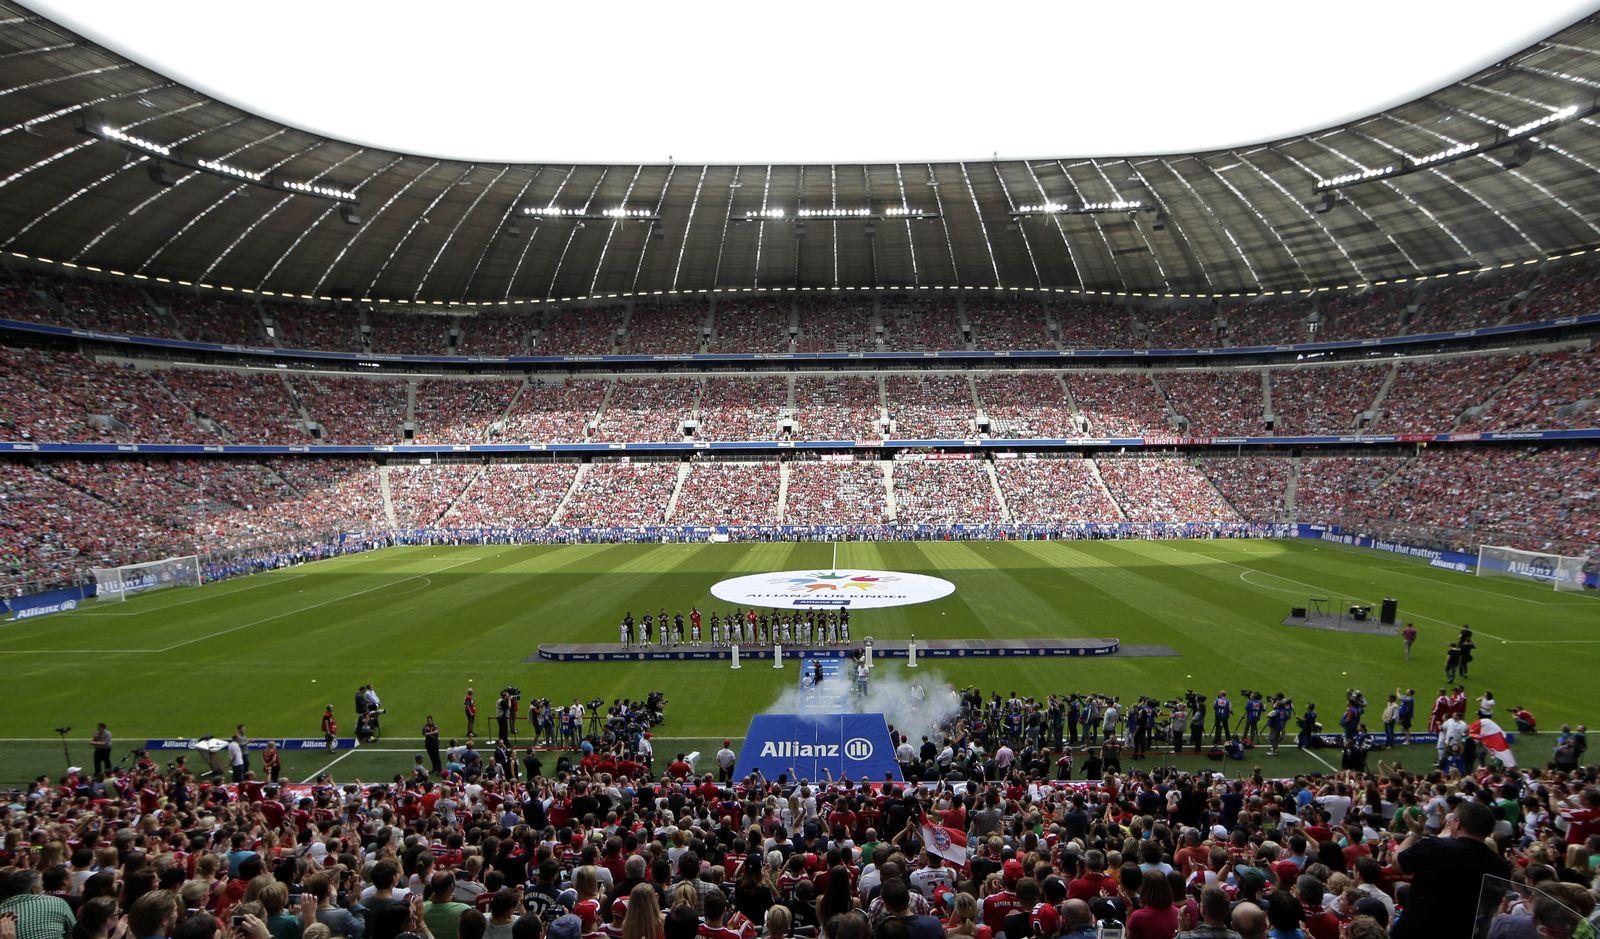 Stadion/ München